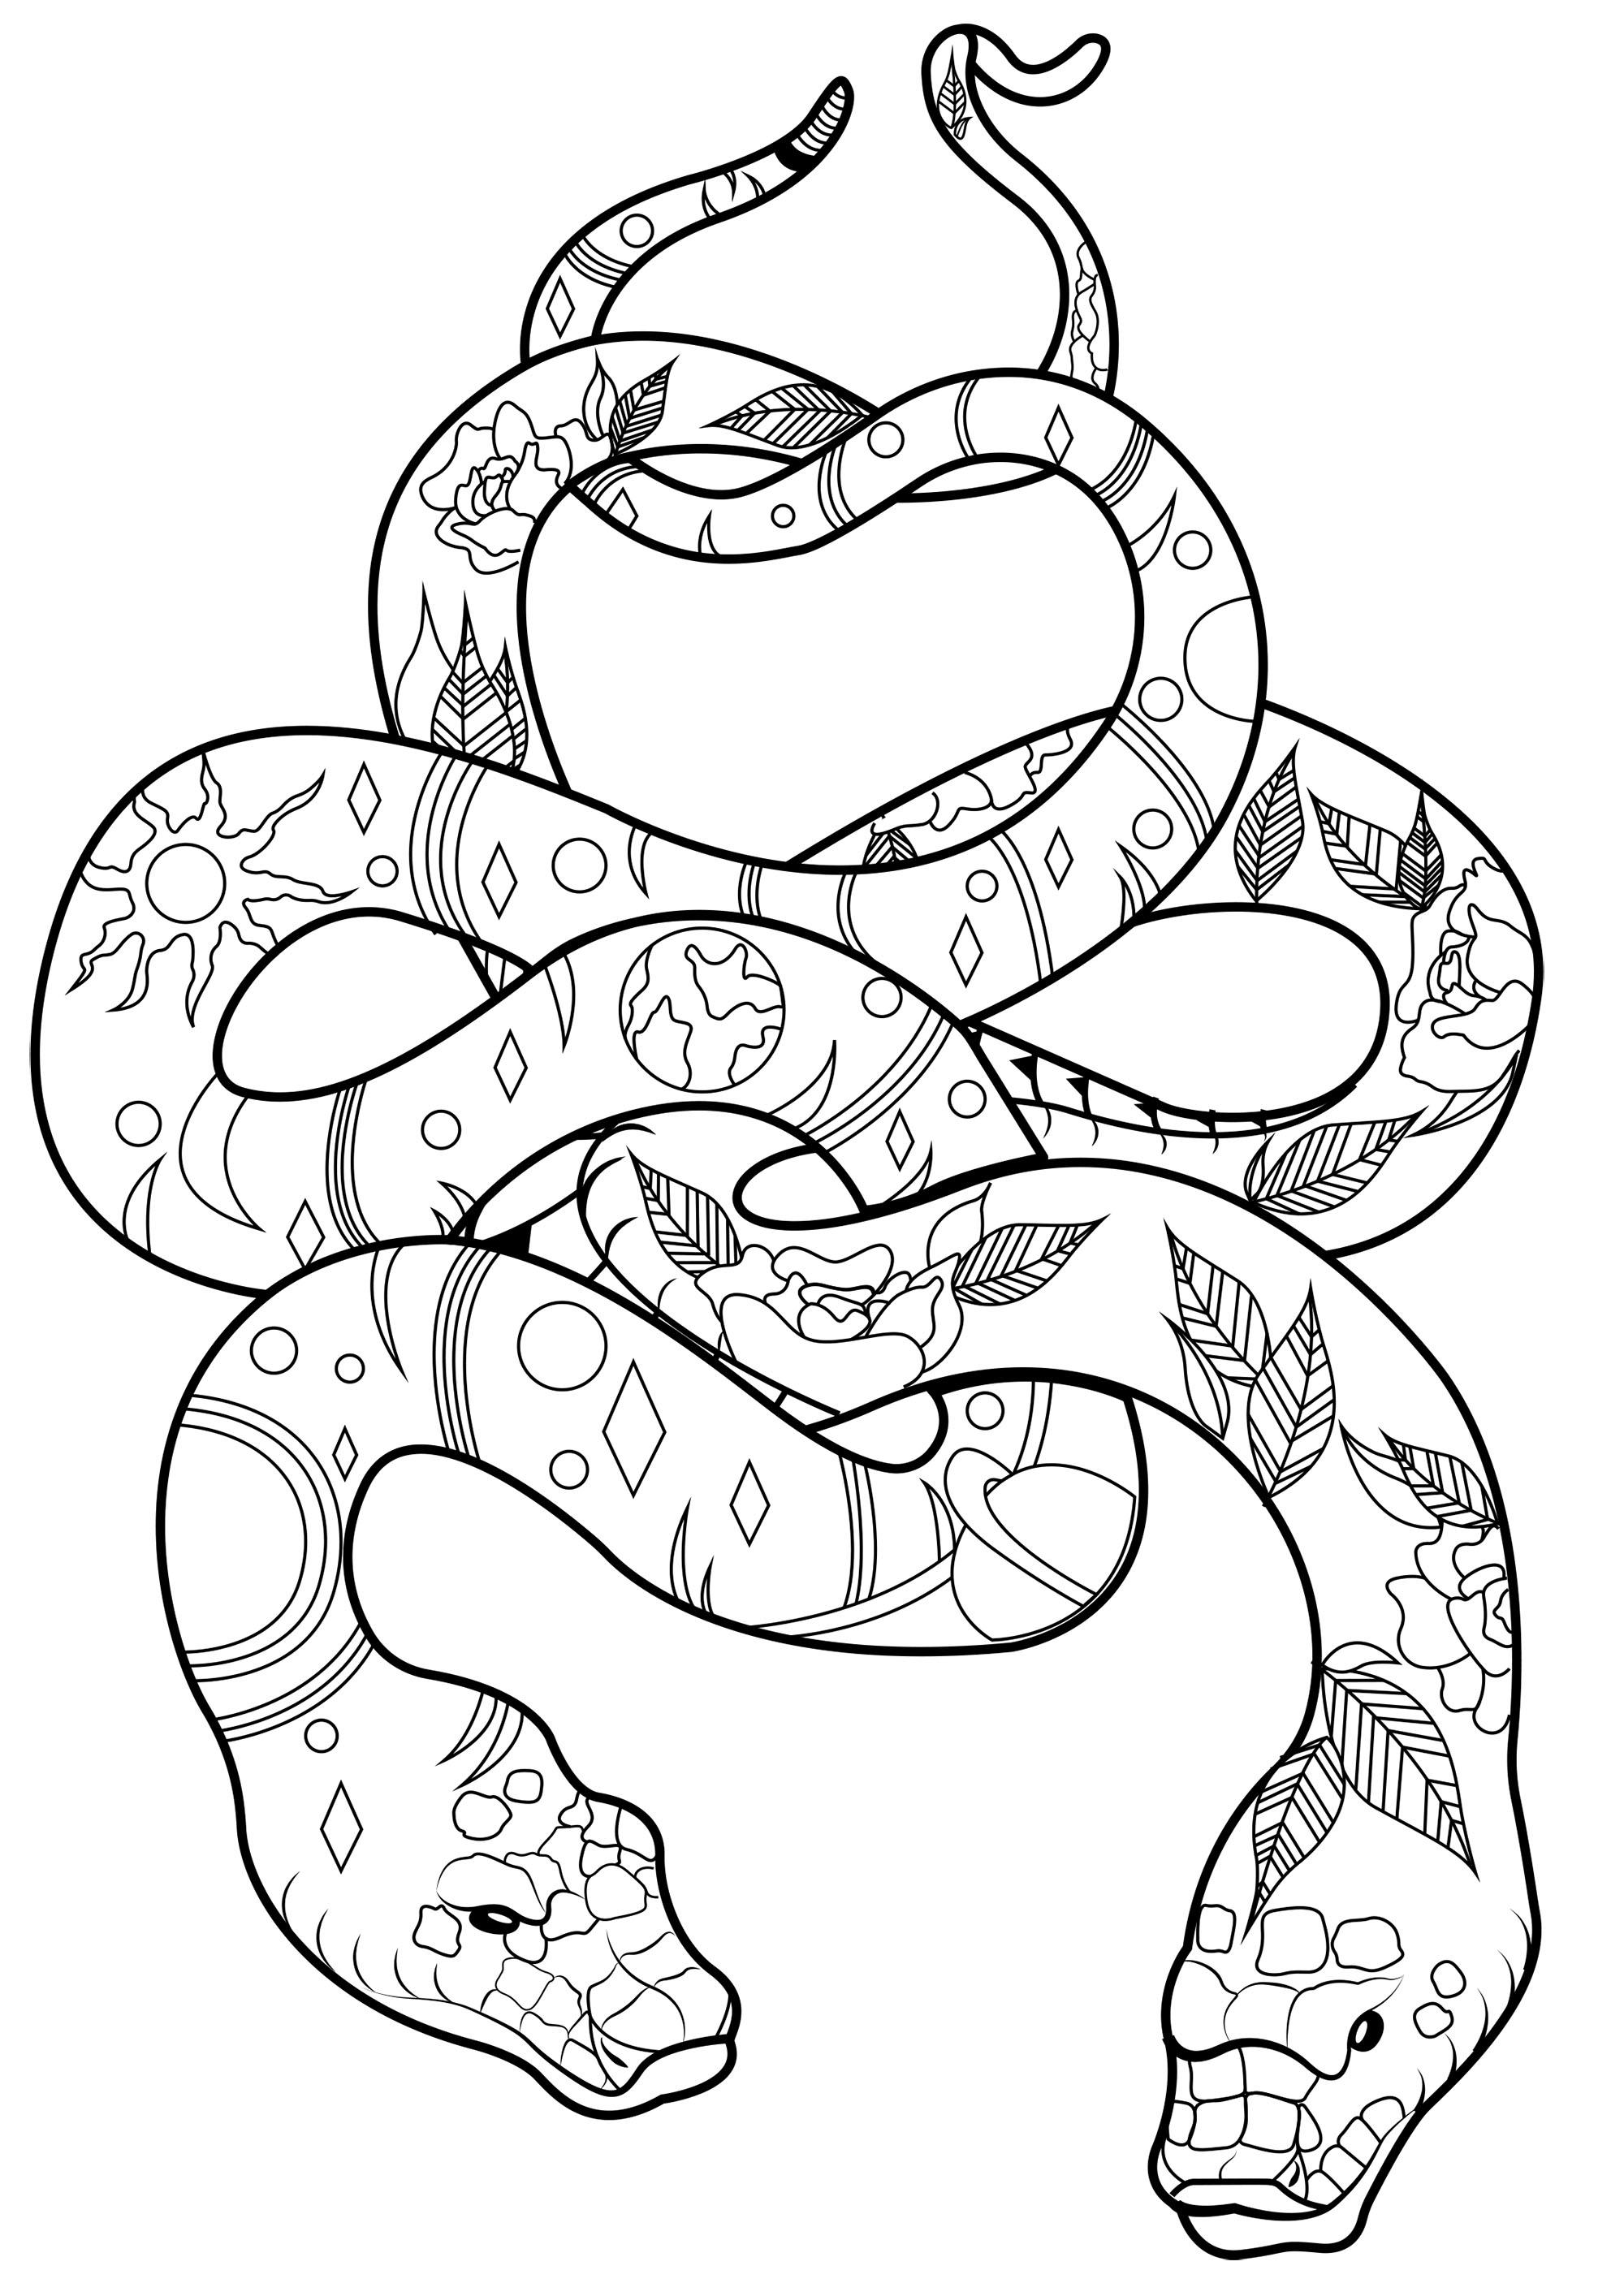 schlangen 35763  schlangen  malbuch fur erwachsene